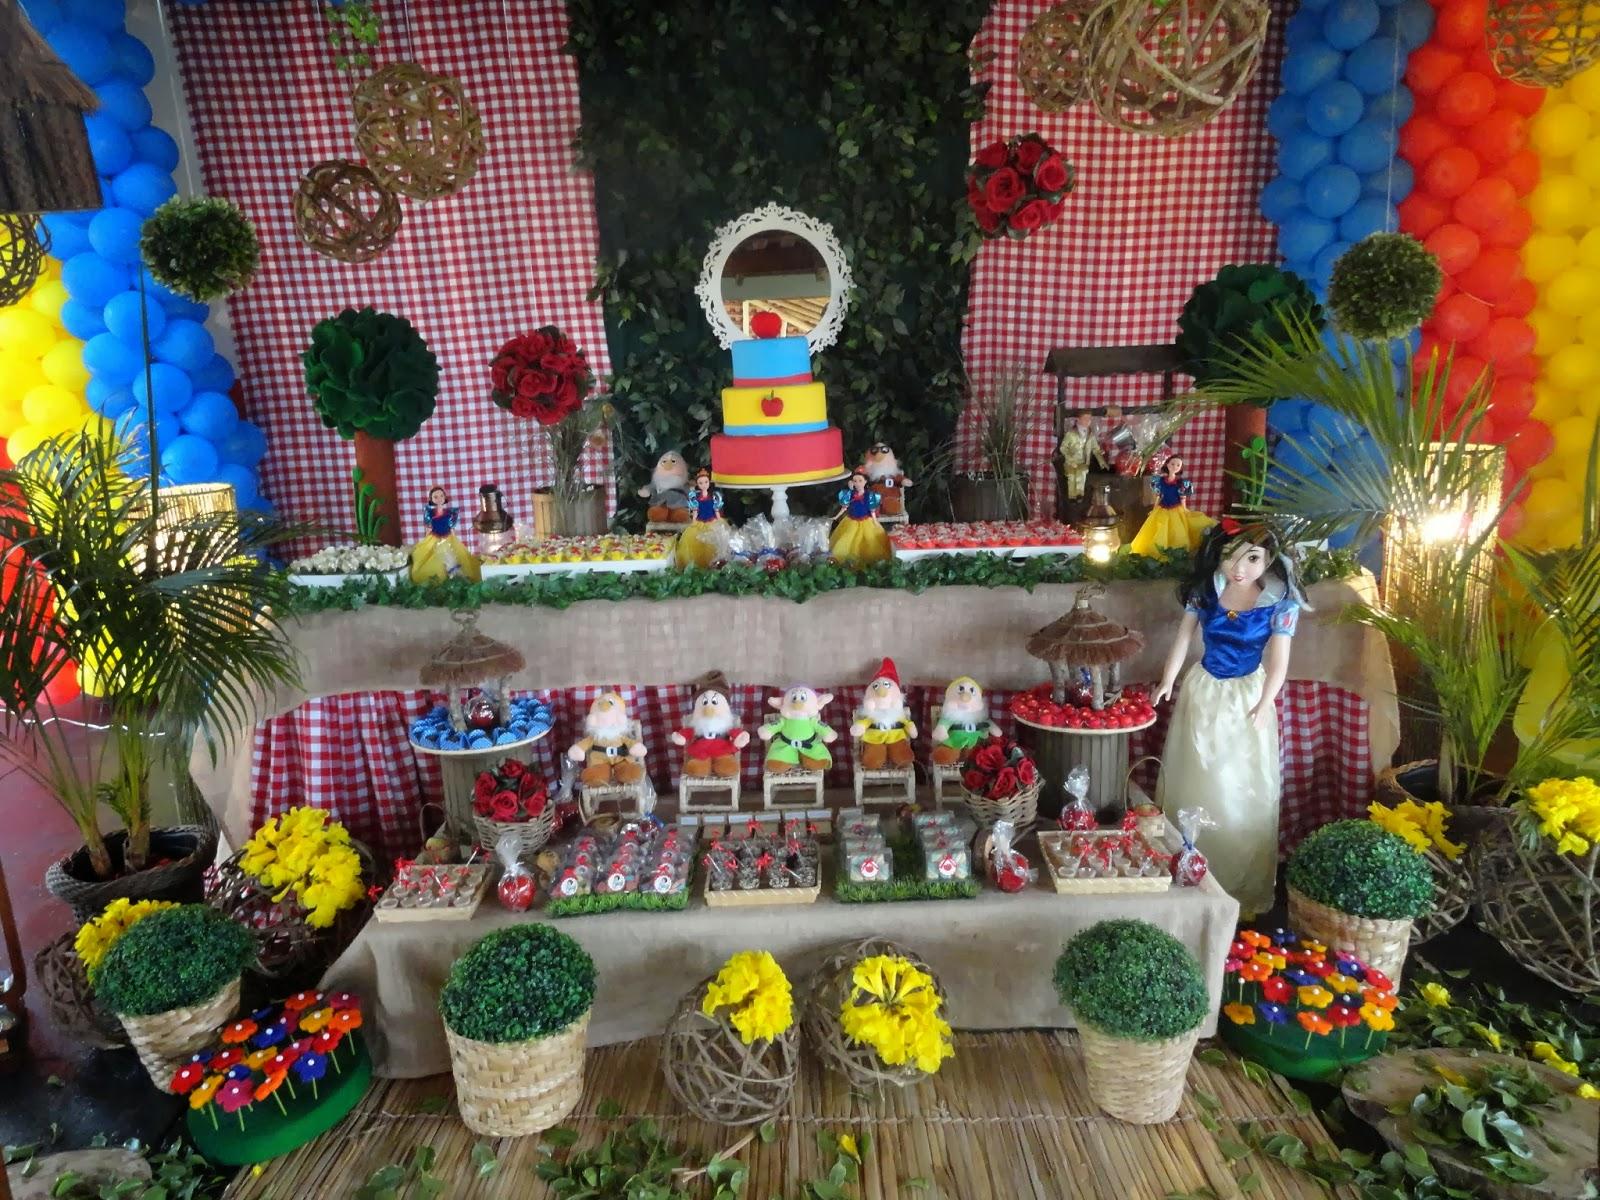 decoracao branca de neve festa infantil : decoracao branca de neve festa infantil: infantil TEM FESTAS- 34236880: Branca de neve- Mesa Rustica